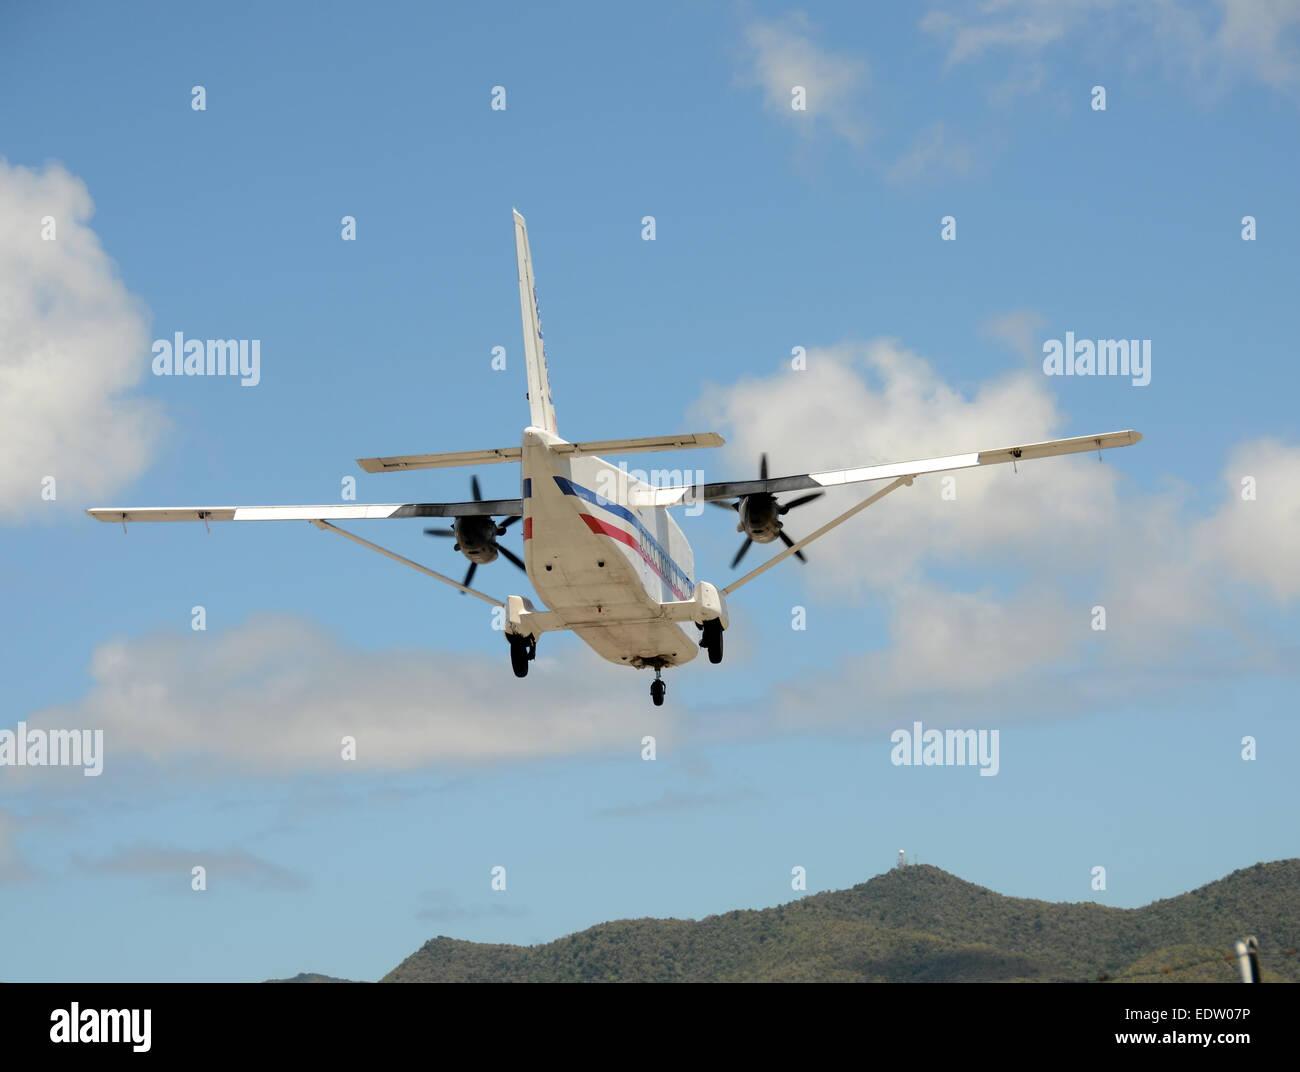 Turboprop airplane landing rear view - Stock Image